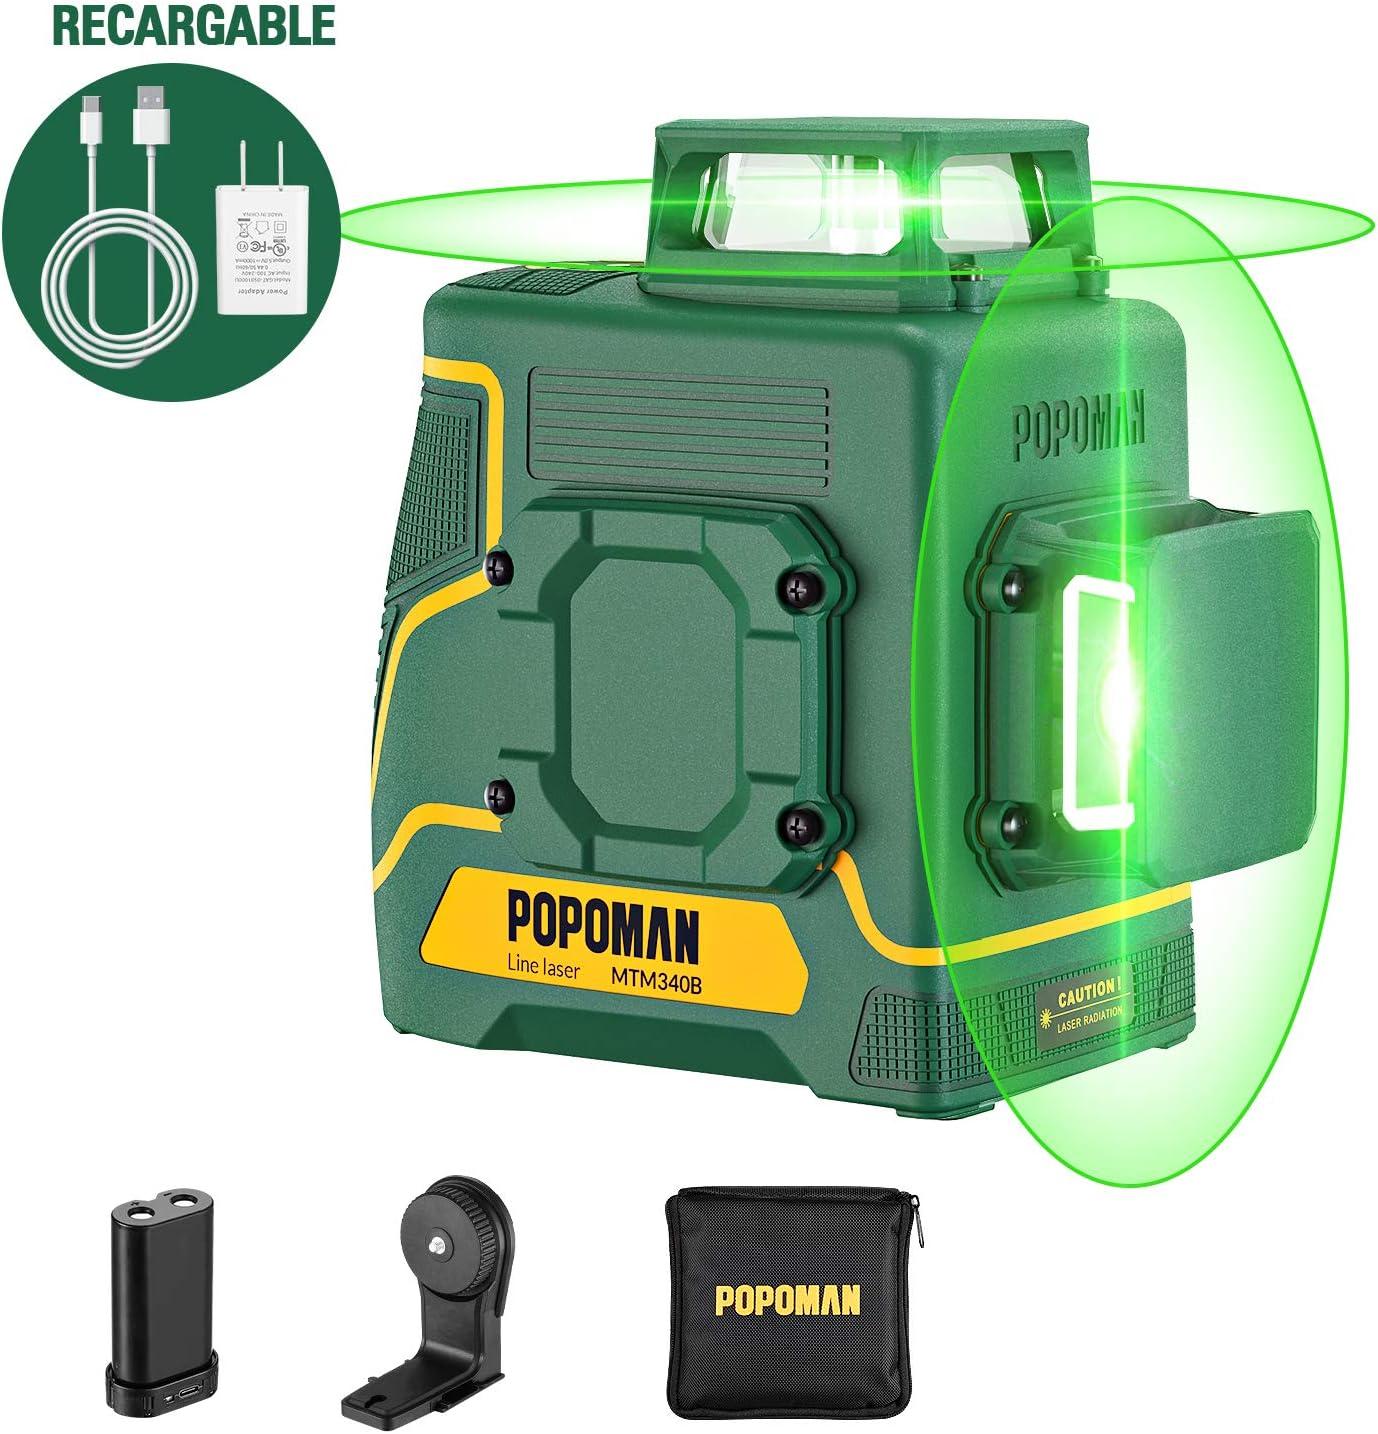 Nivel láser 45m verde POPOMAN, 2x360° líneas láser, Carga USB, Batería de litio, Autonivelante, Modo pulsado externo, Soporte Magnético, 360° Giro, IP54, Bolsa de transporte-MTM340B